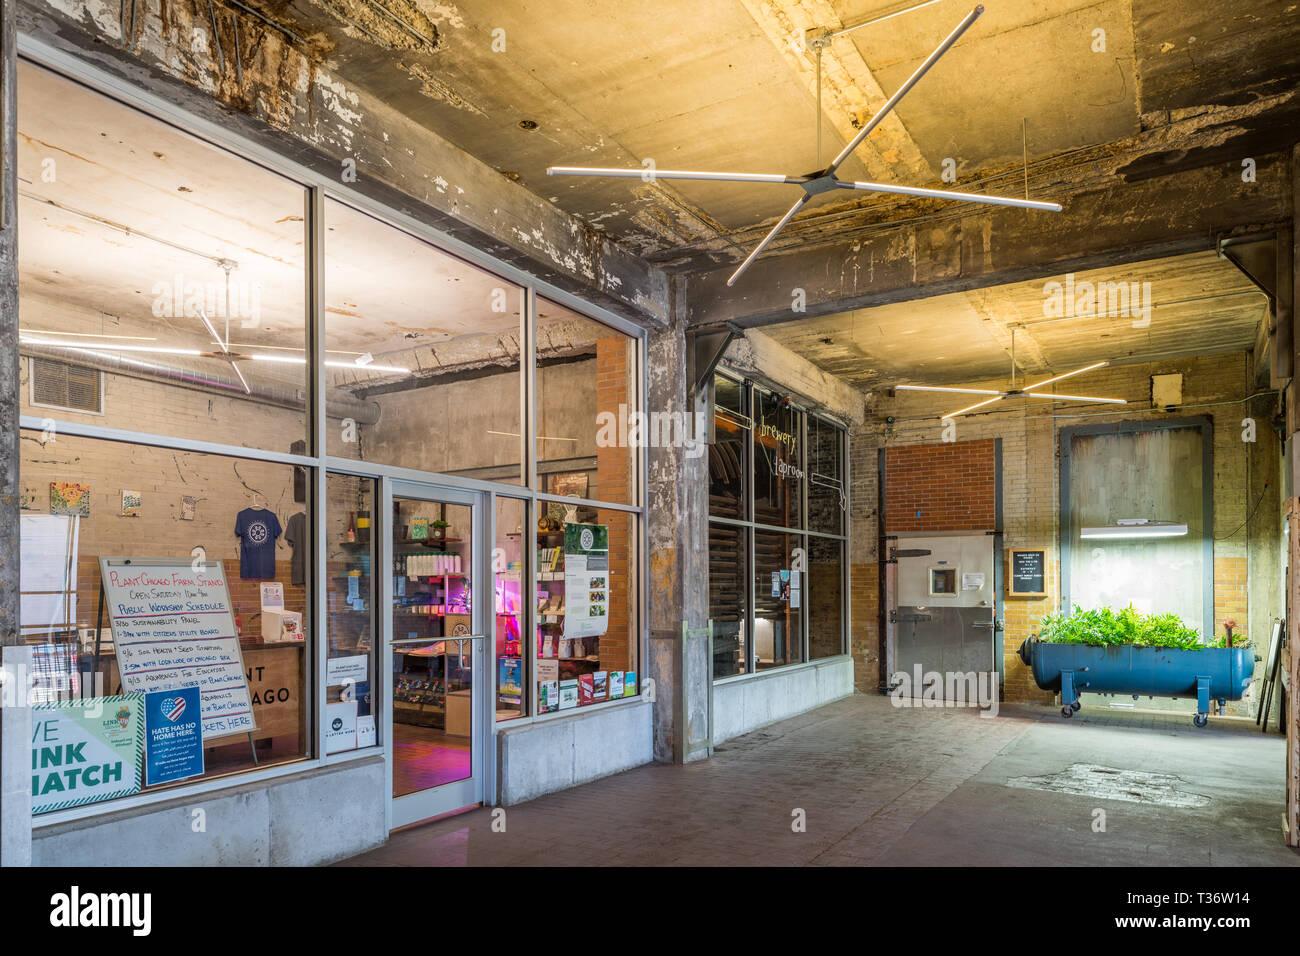 Werk Chicago, ehemaliger meatpacking Service in eine vertikale Farm und nachhaltige Business Complex umgewandelt Stockbild